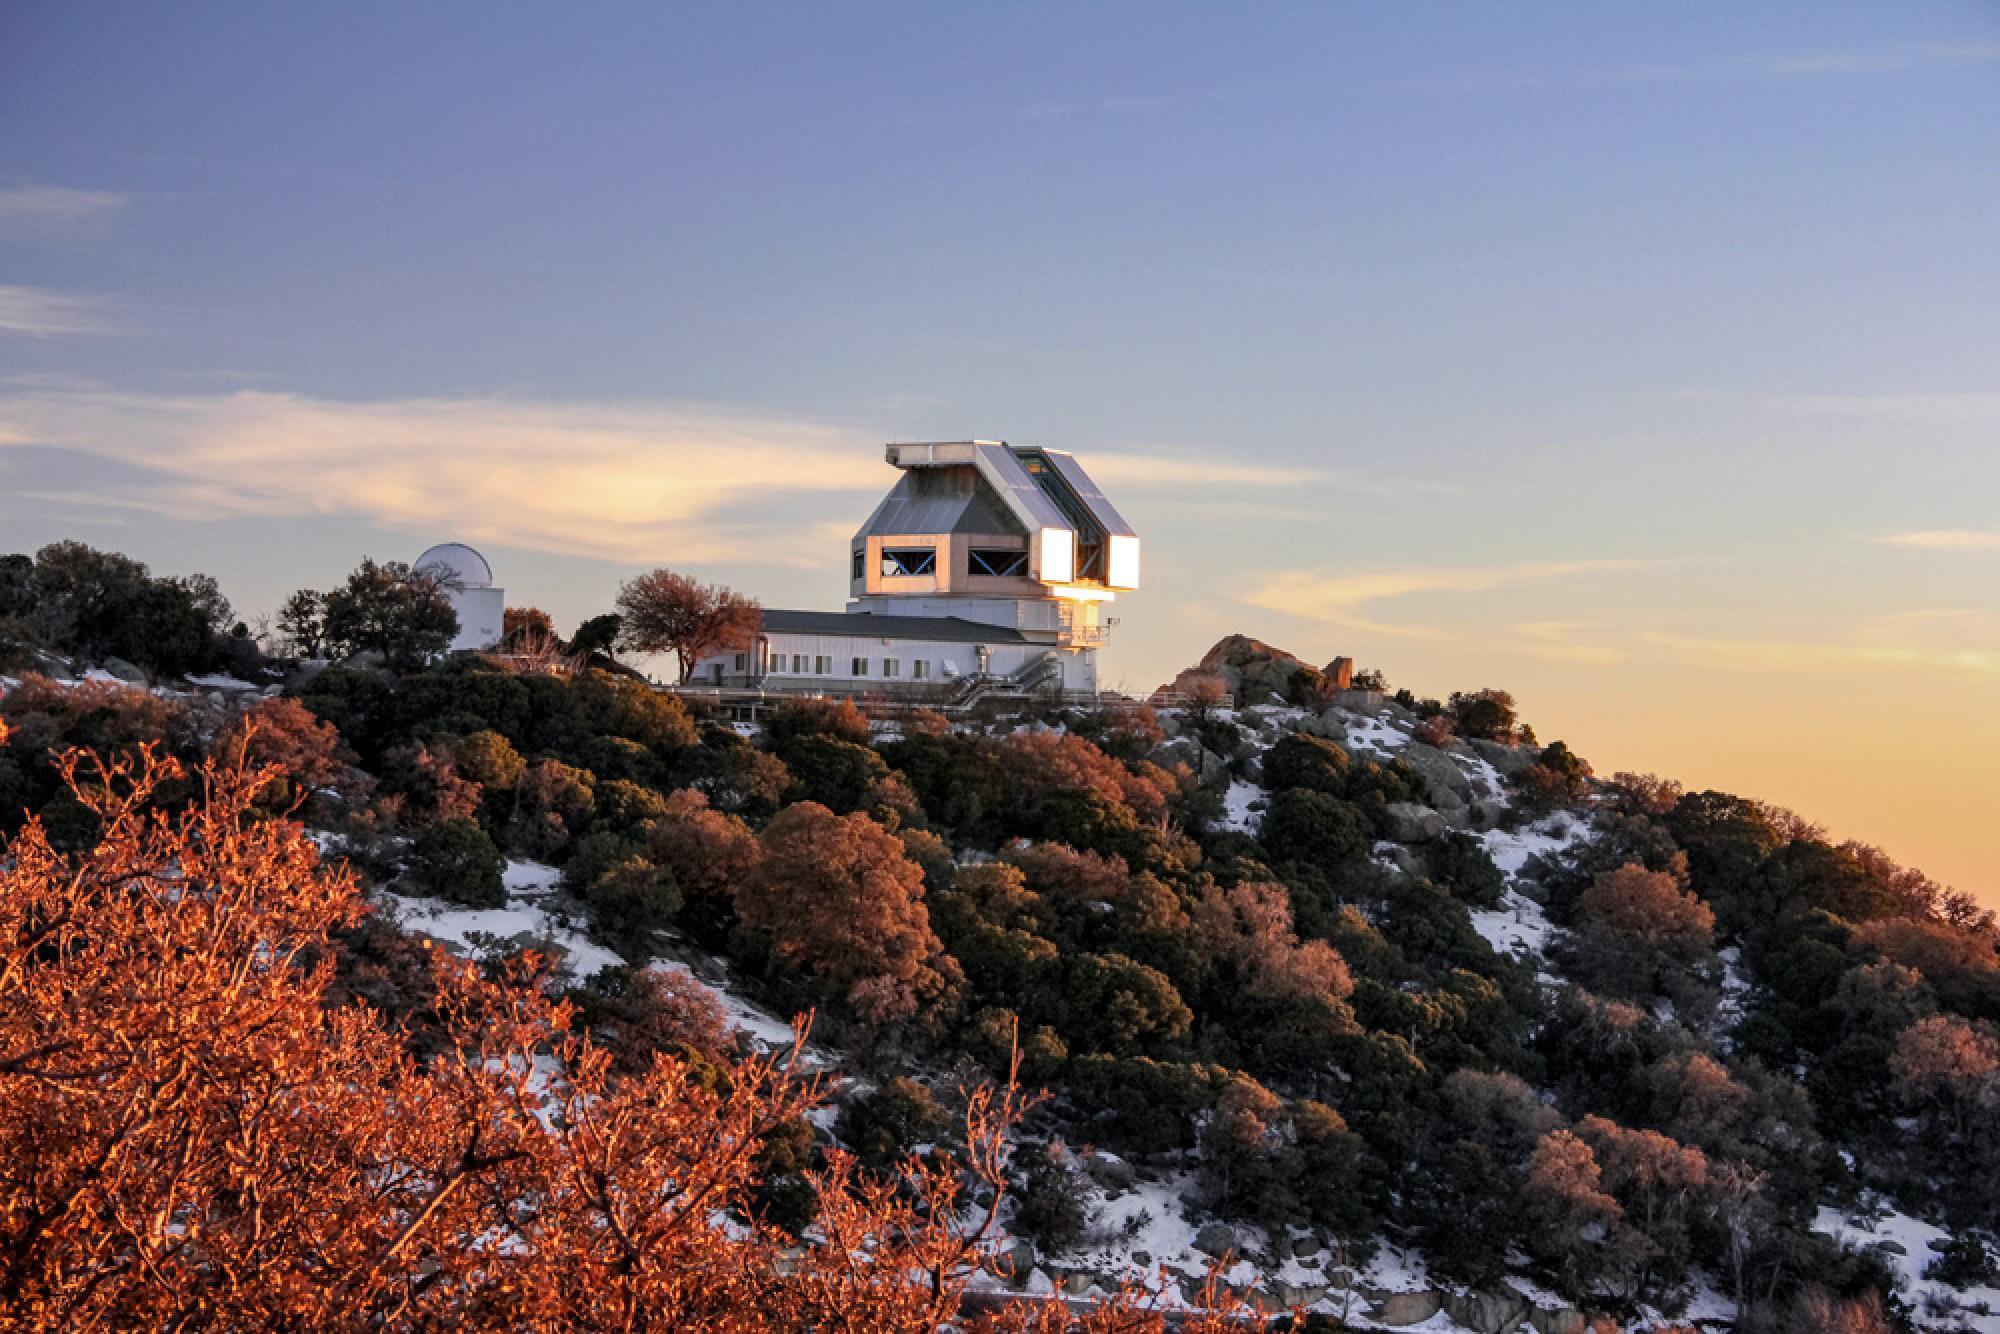 The WIYN Telescope atop Kitt Peak